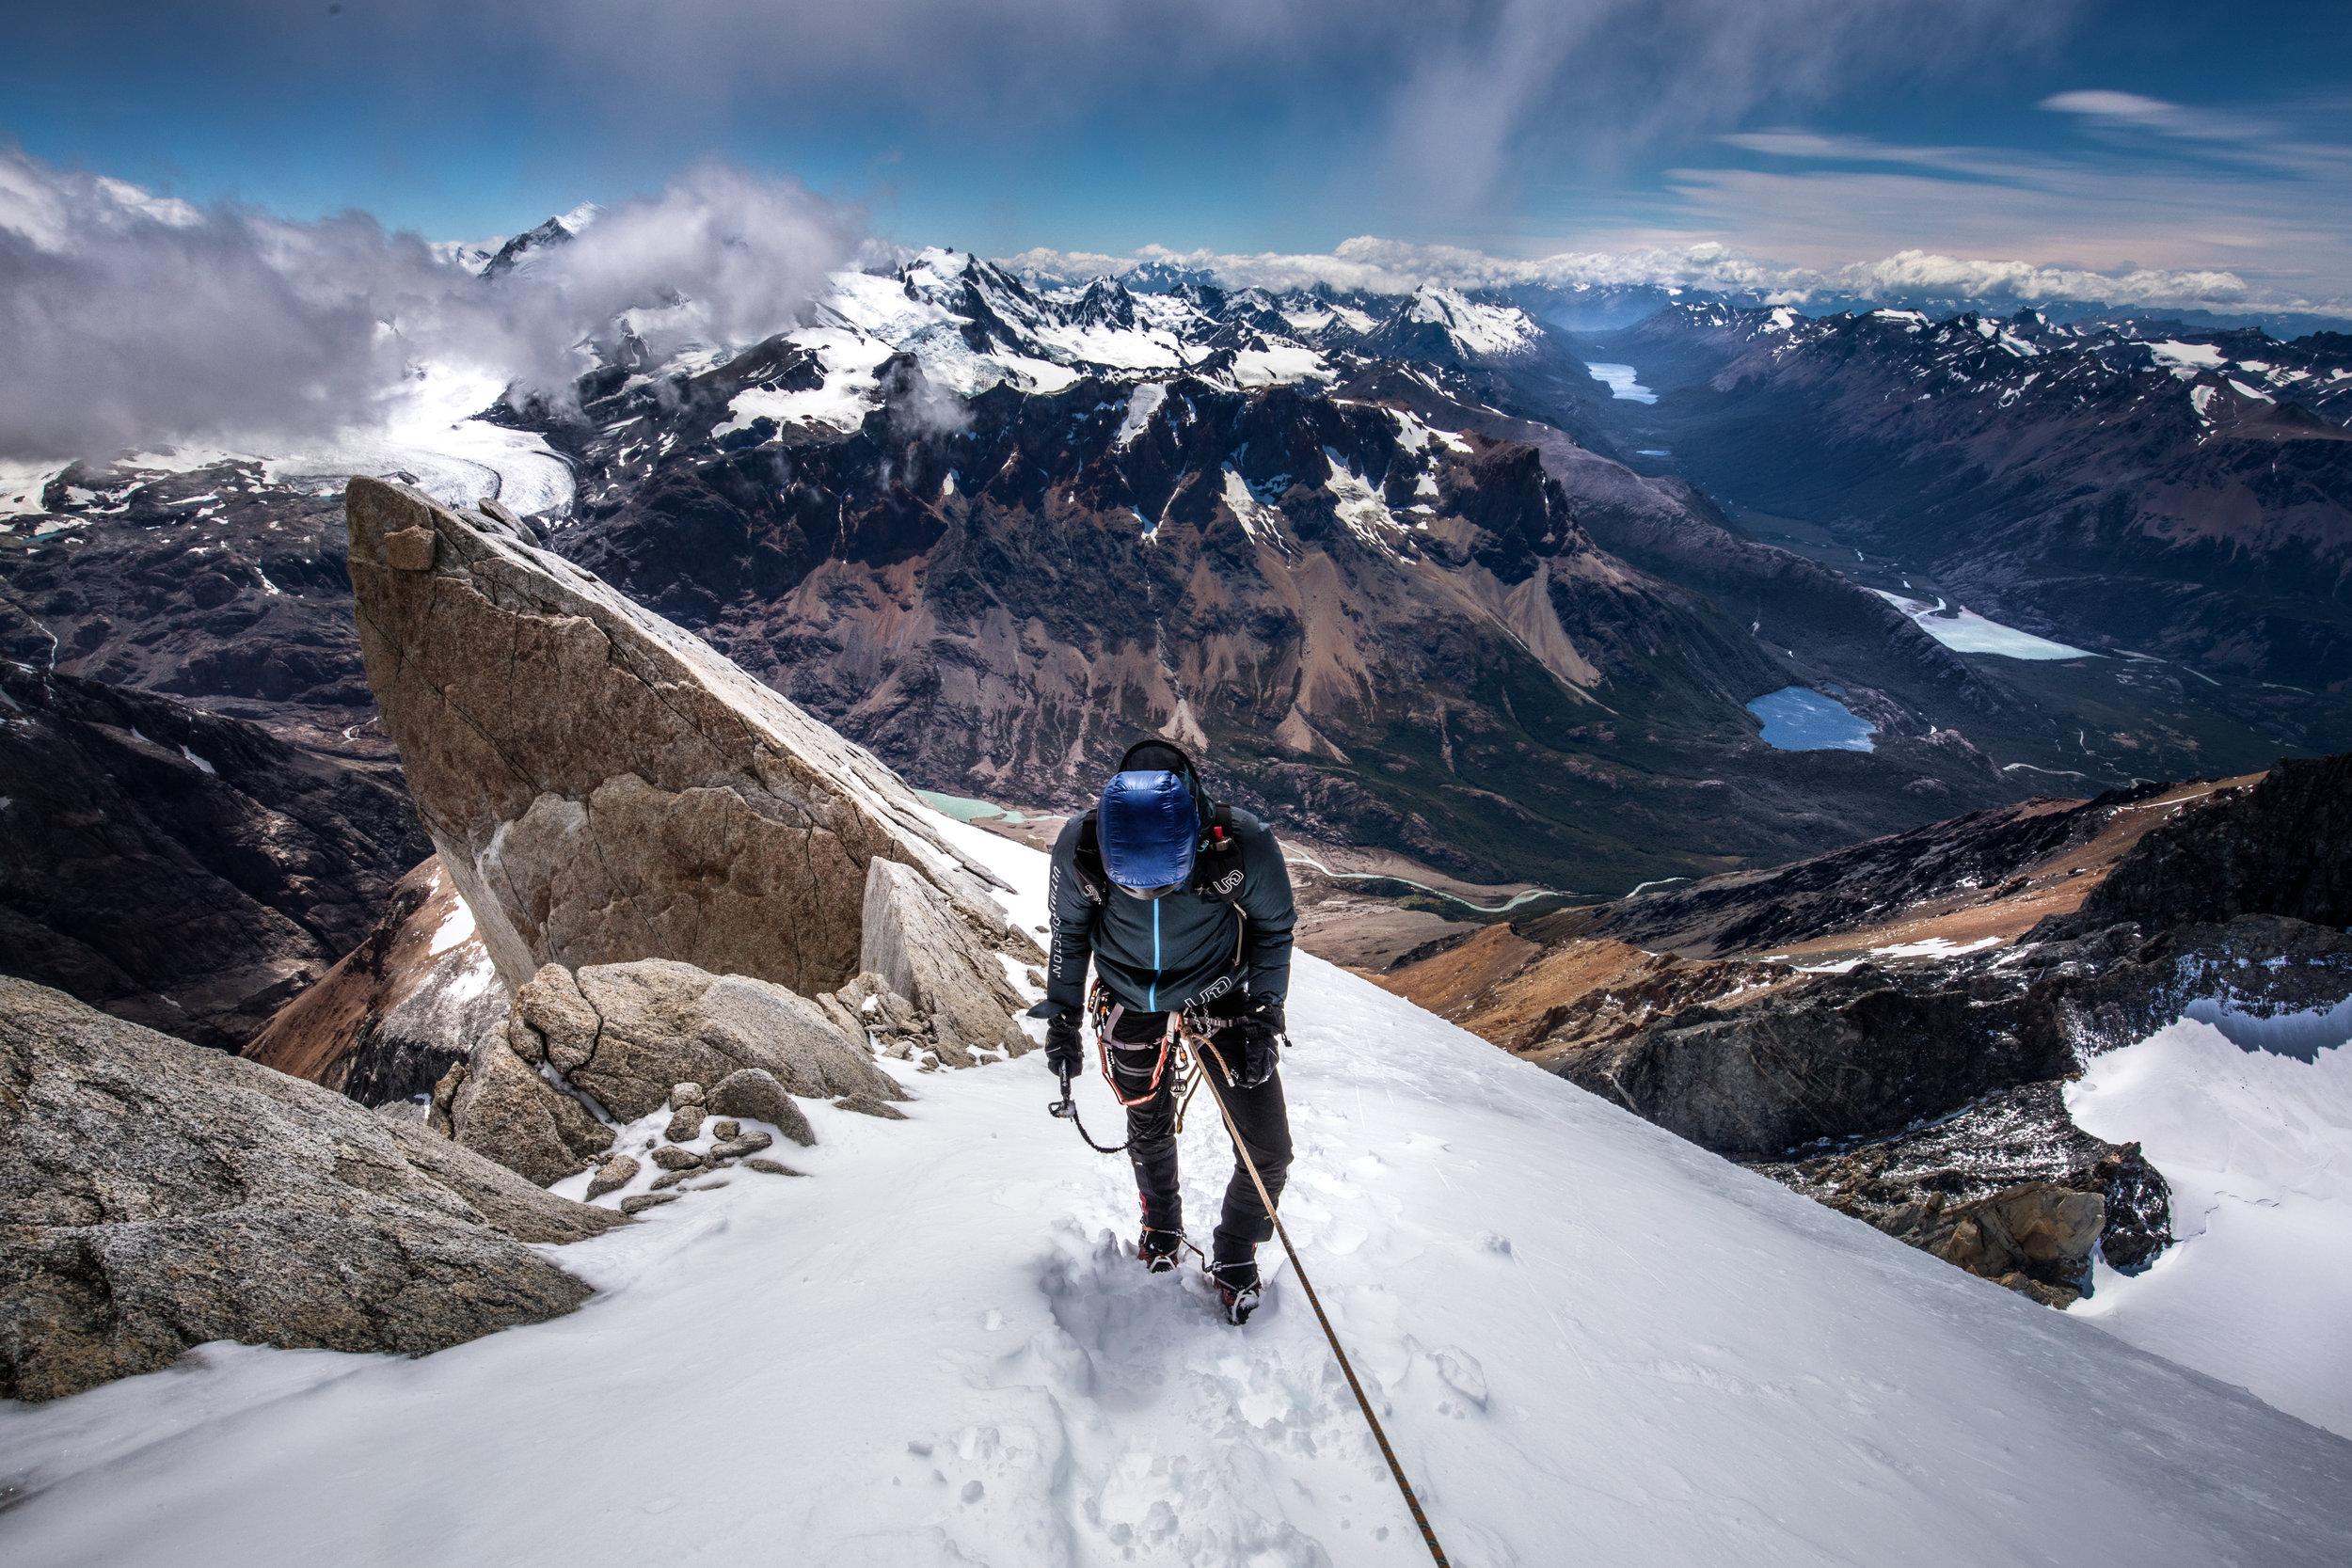 Final snow climb to summit